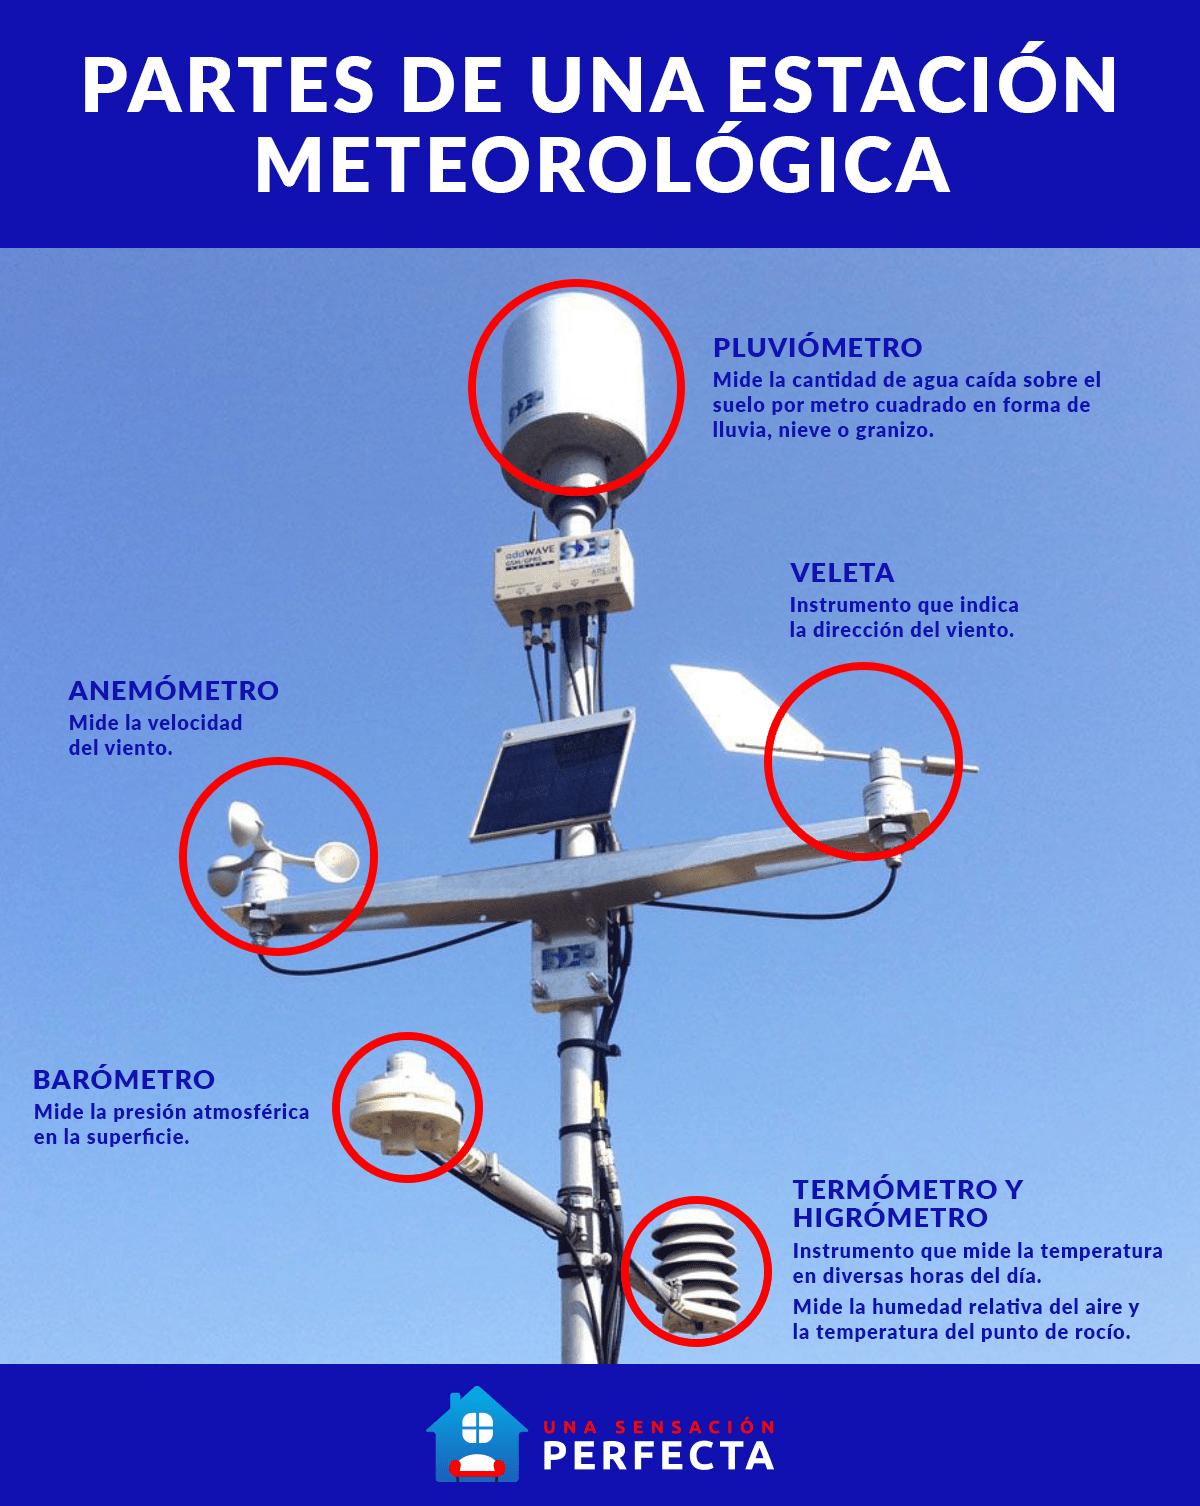 Partes de una estación meteorológica - unasensacionperfecta.es -